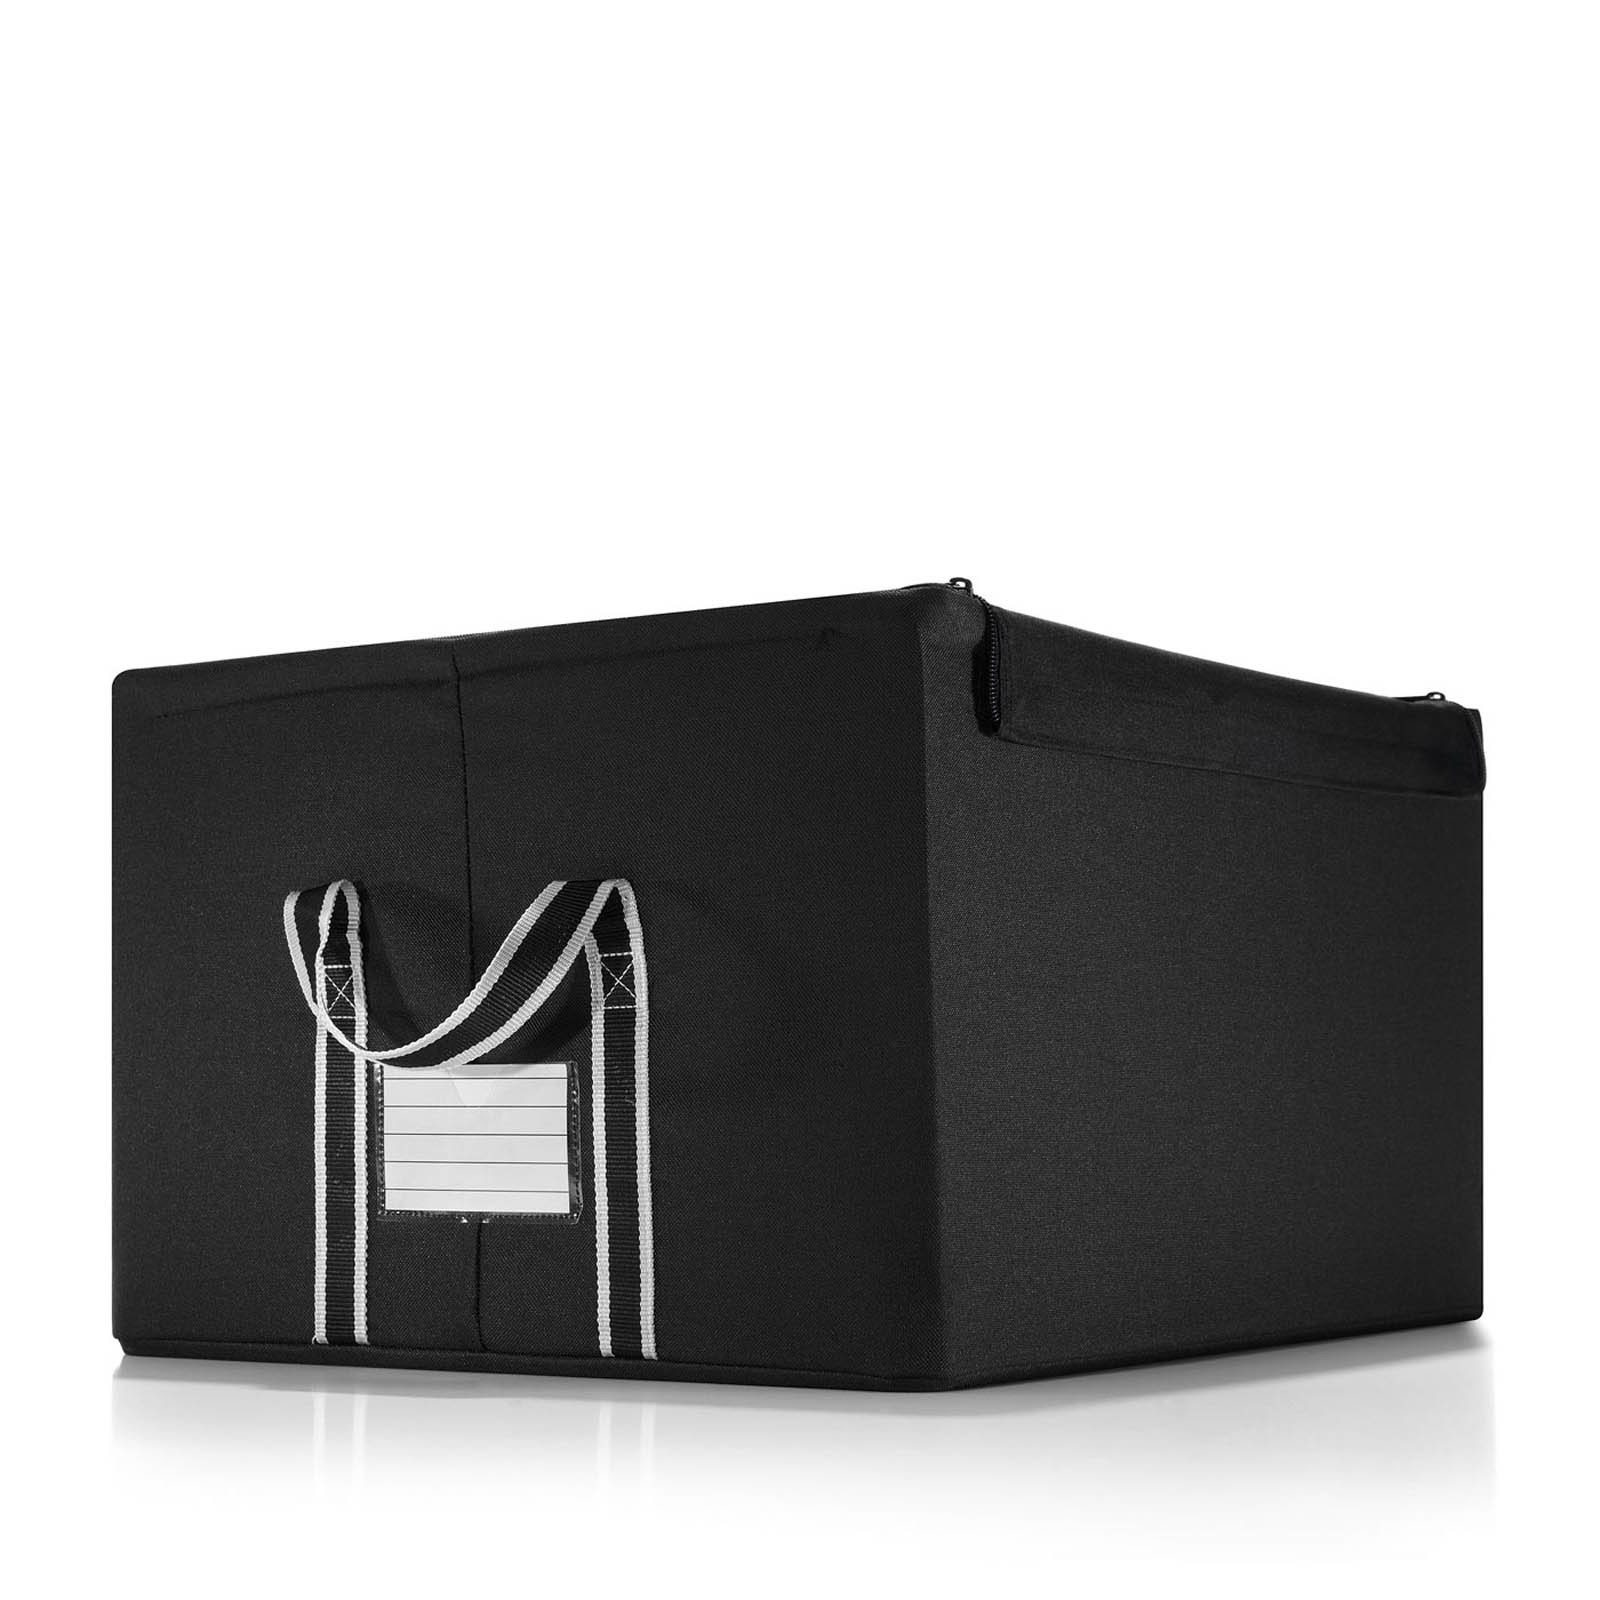 reisenthel doktortasche preisvergleich die besten angebote online kaufen. Black Bedroom Furniture Sets. Home Design Ideas